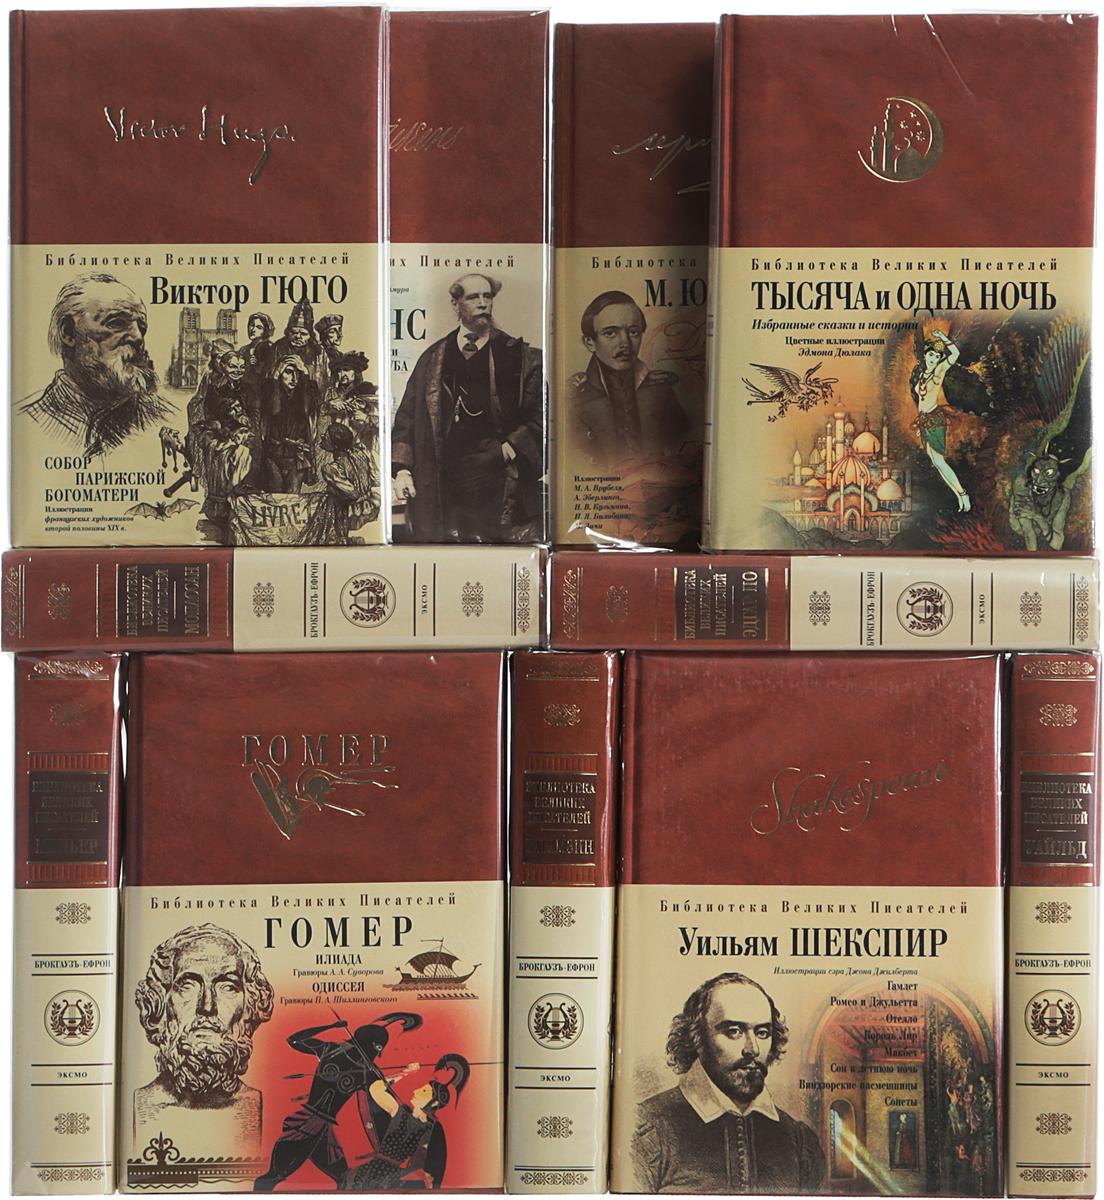 Библиотека Великих Писателей Брокгауз и Ефрон (комплект из 11 книг) ирина лобусова тайны нераскрытых убийств великих писателей